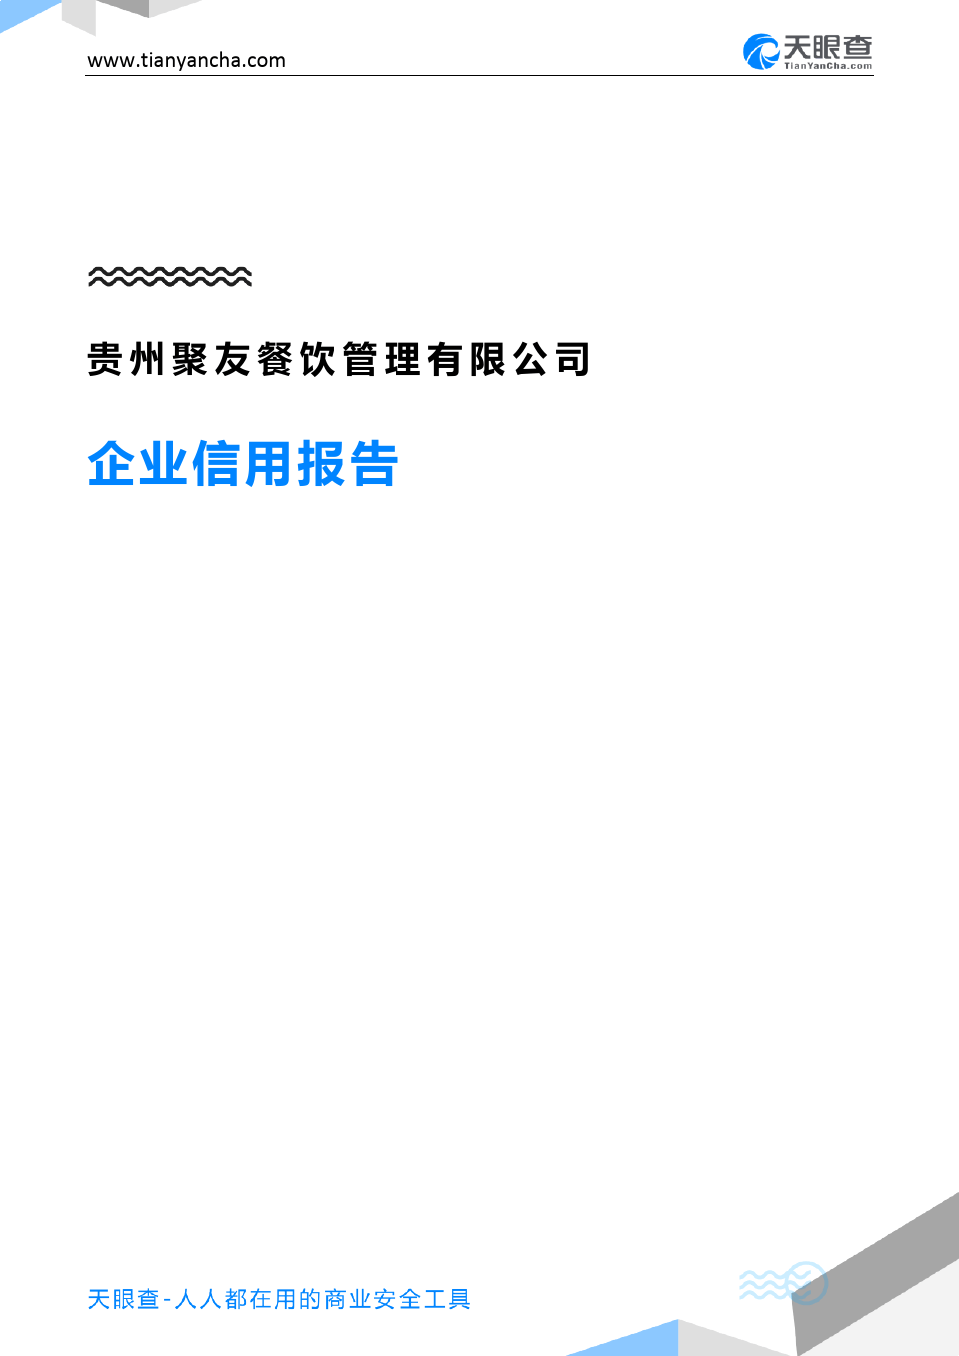 贵州聚友餐饮管理有限公司(企业信用报告)- 天眼查